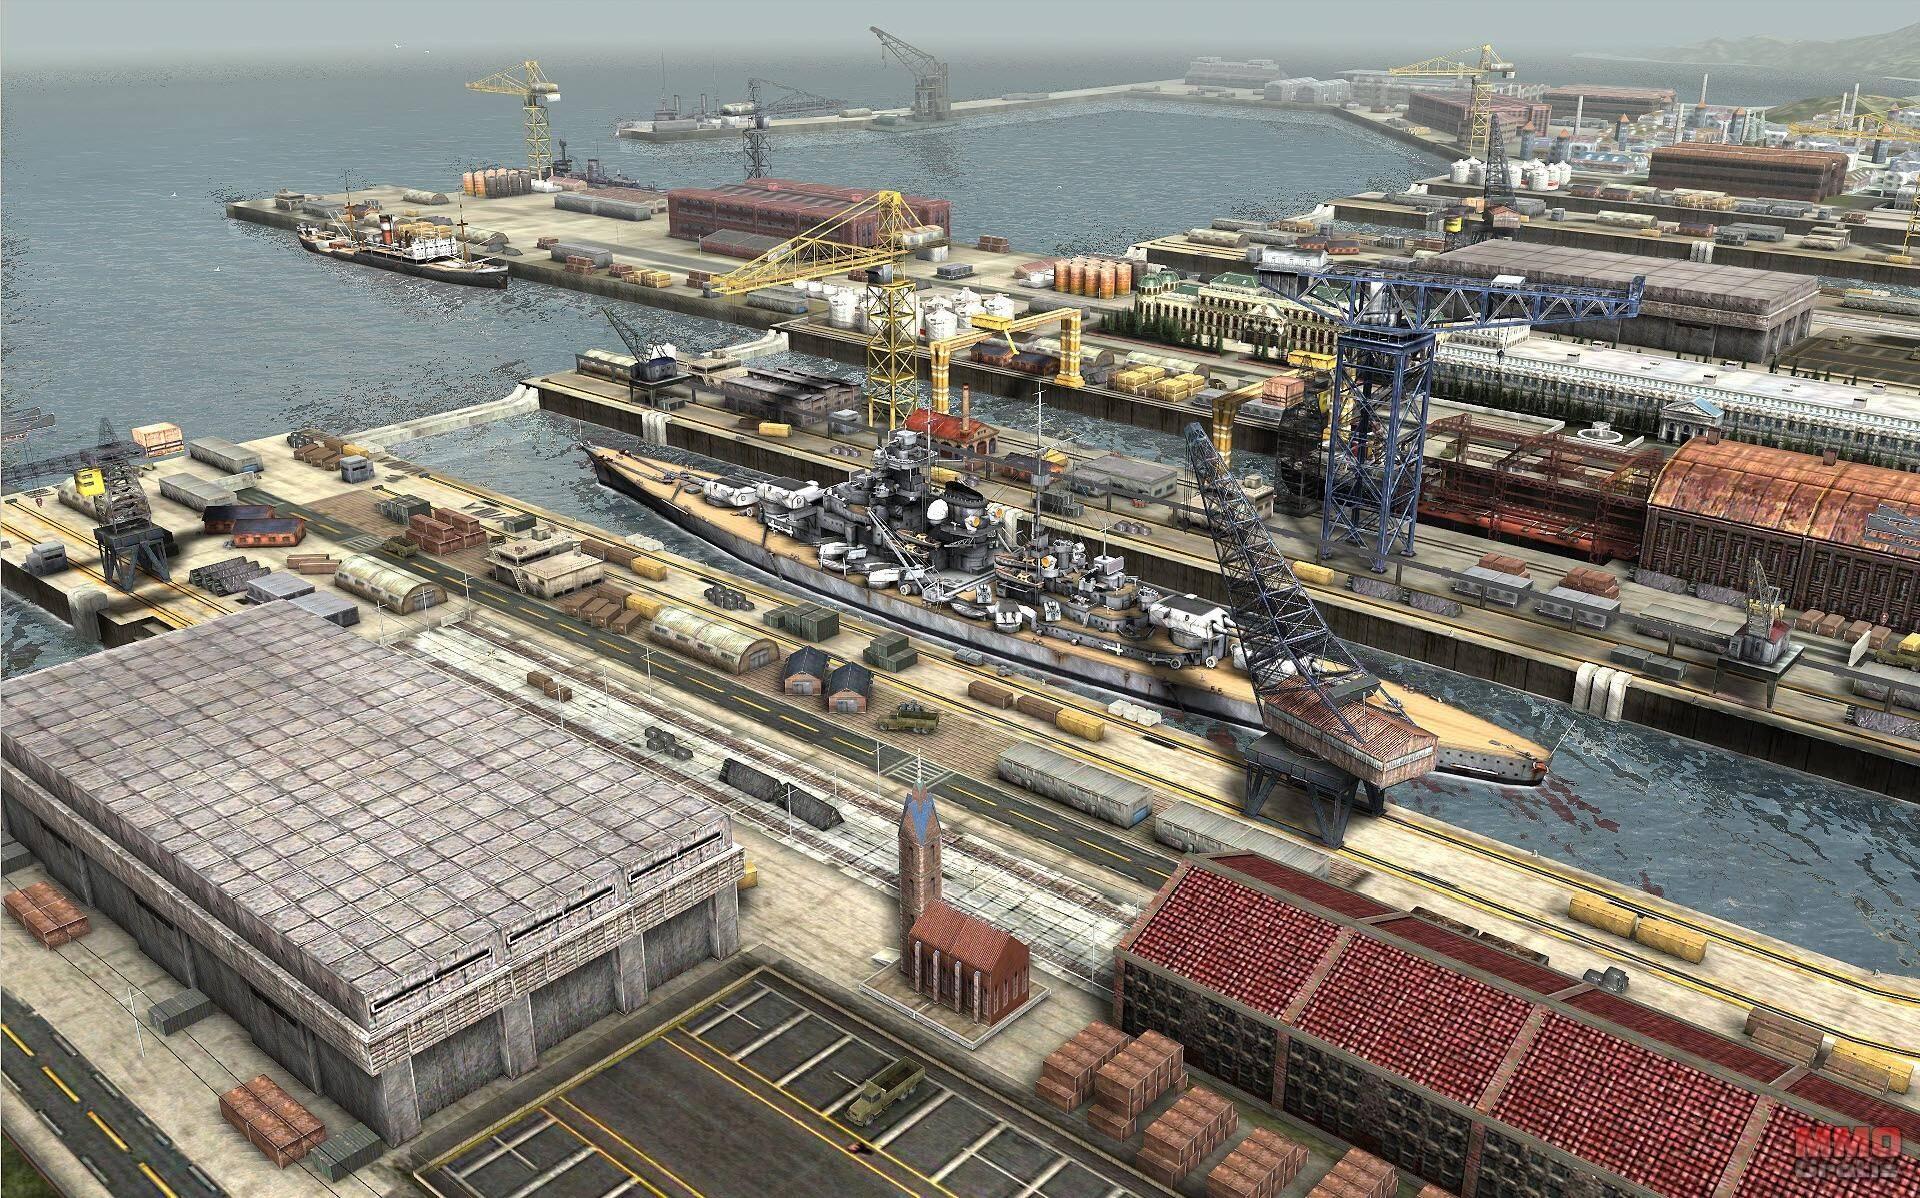 Imagenes de NavyField 2